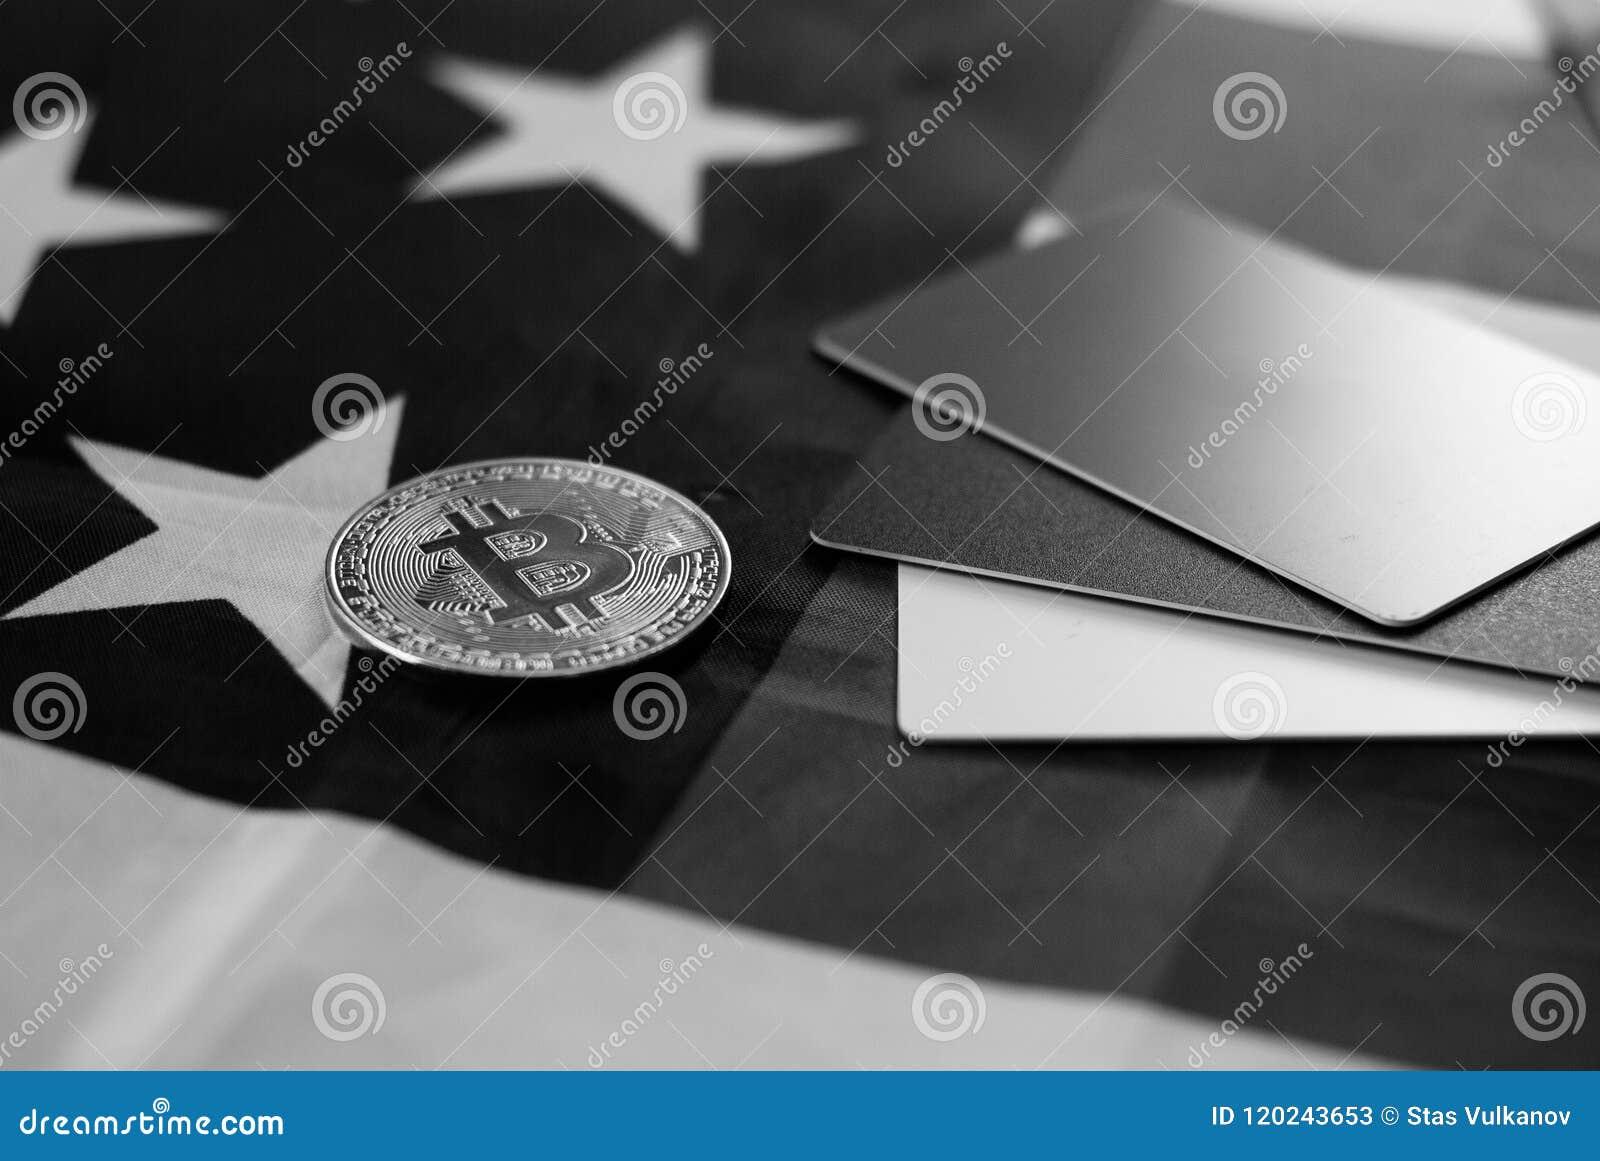 Ouro Bitcoin e nós bandeira, molde do cartão de crédito,